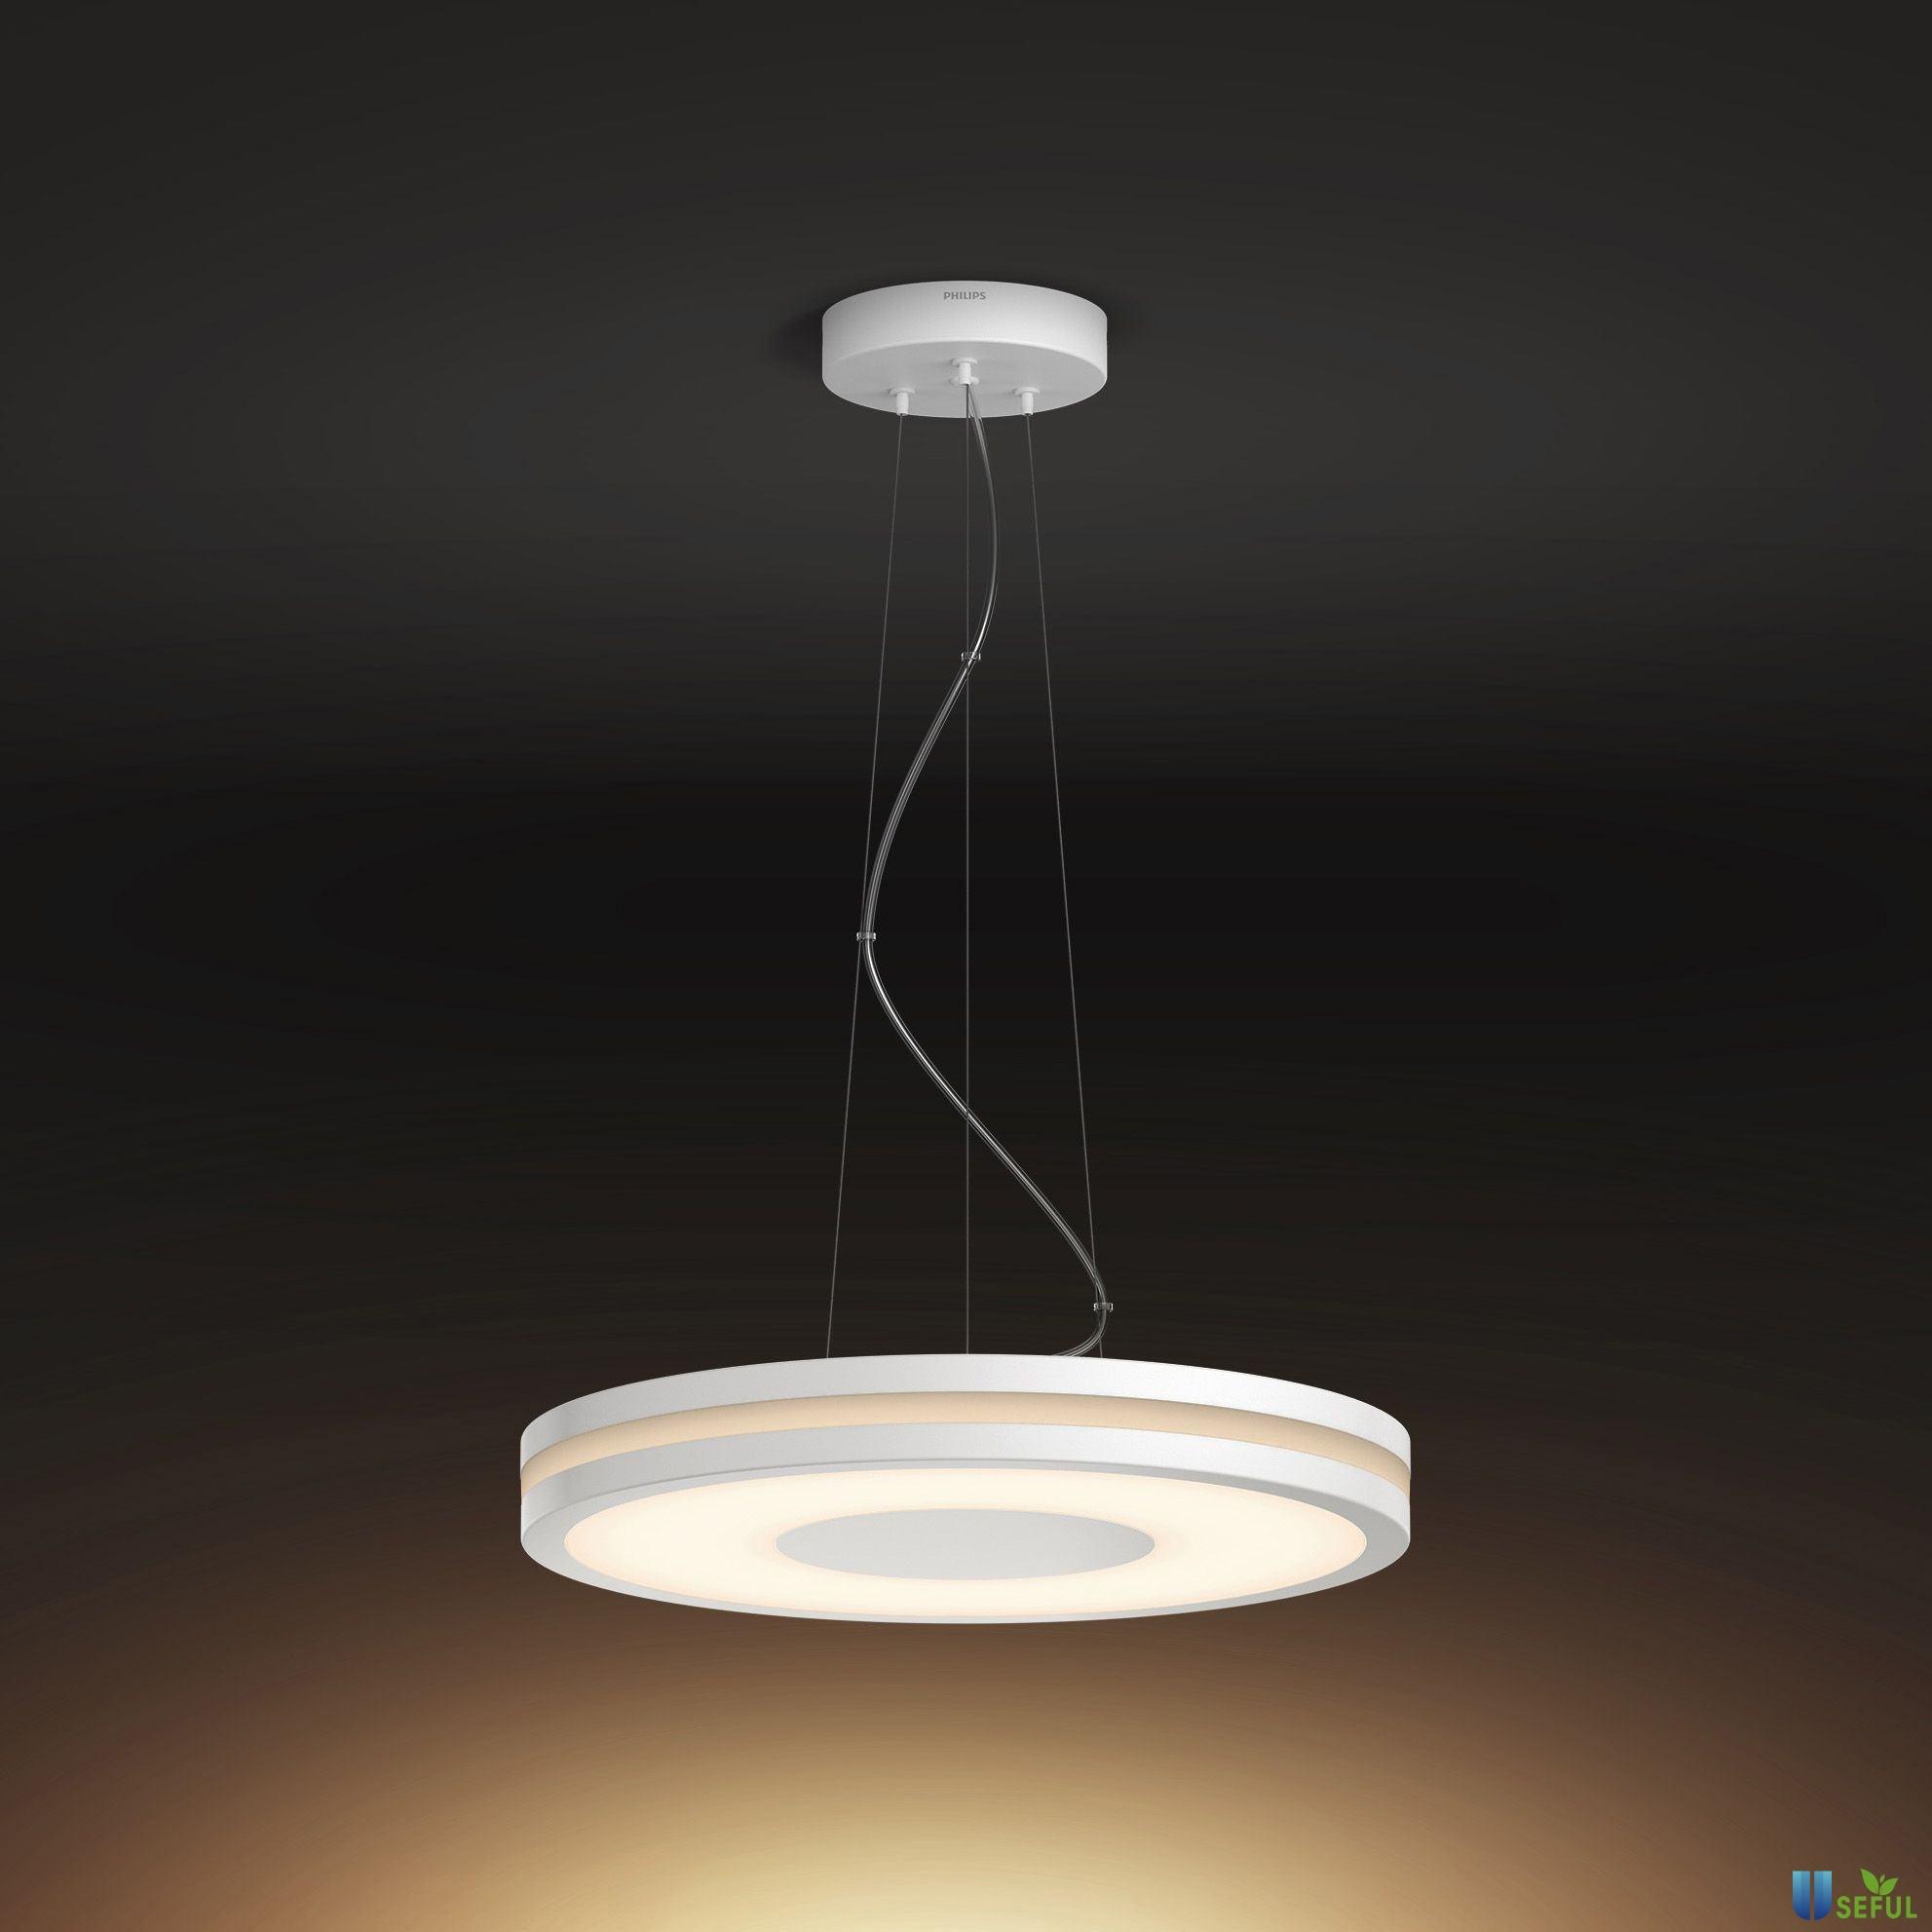 Being Pendant Light độc đáo với dây treo cứng cáp